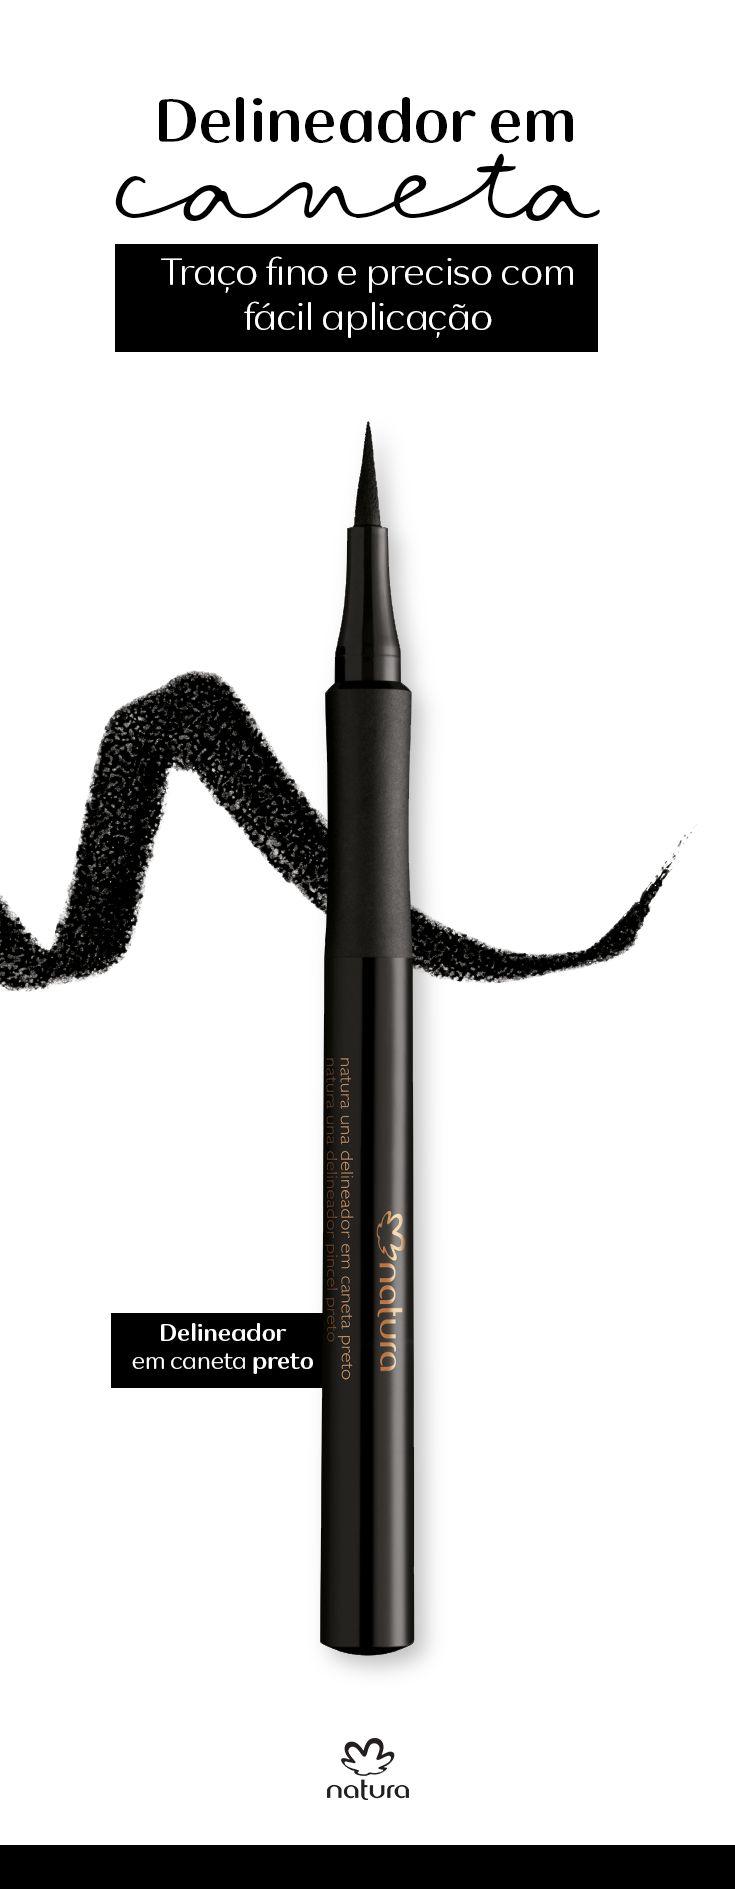 Quer um delineador que permite que você faça um traço fino e preciso? Então o Delineador em caneta preto de Natura Una é o produto certo para você. Teste e arrase!